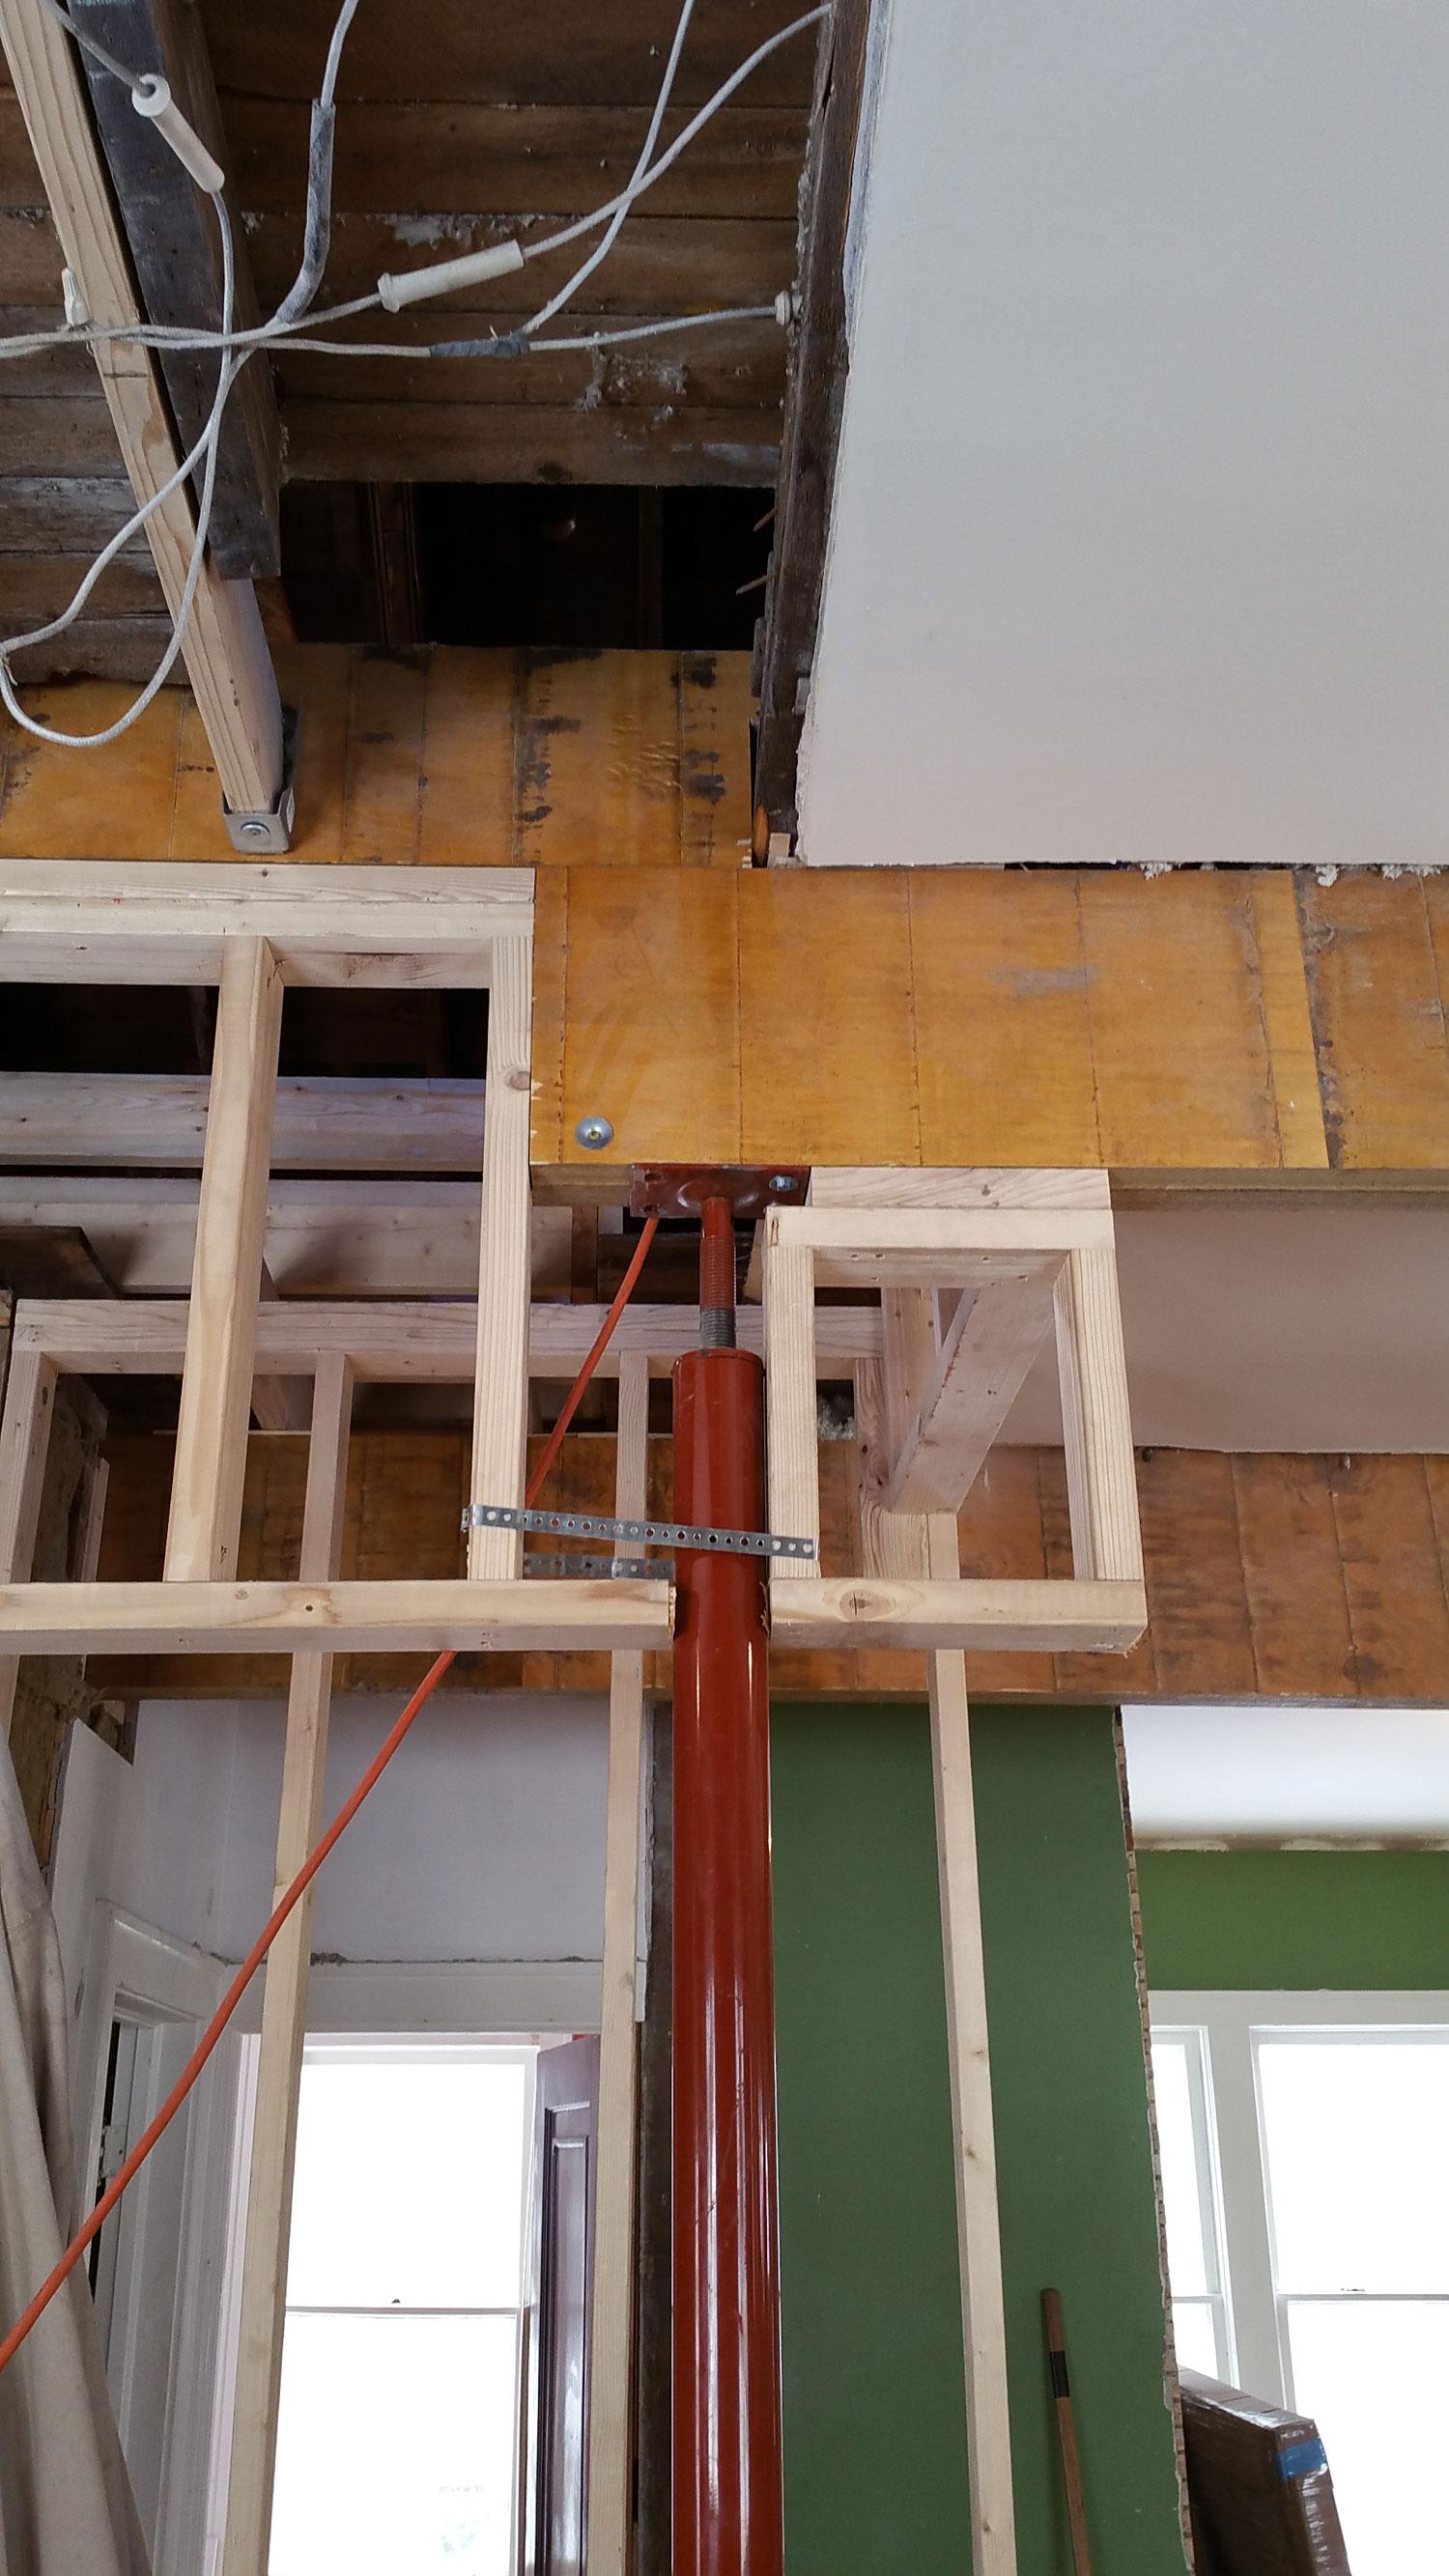 New beams and column